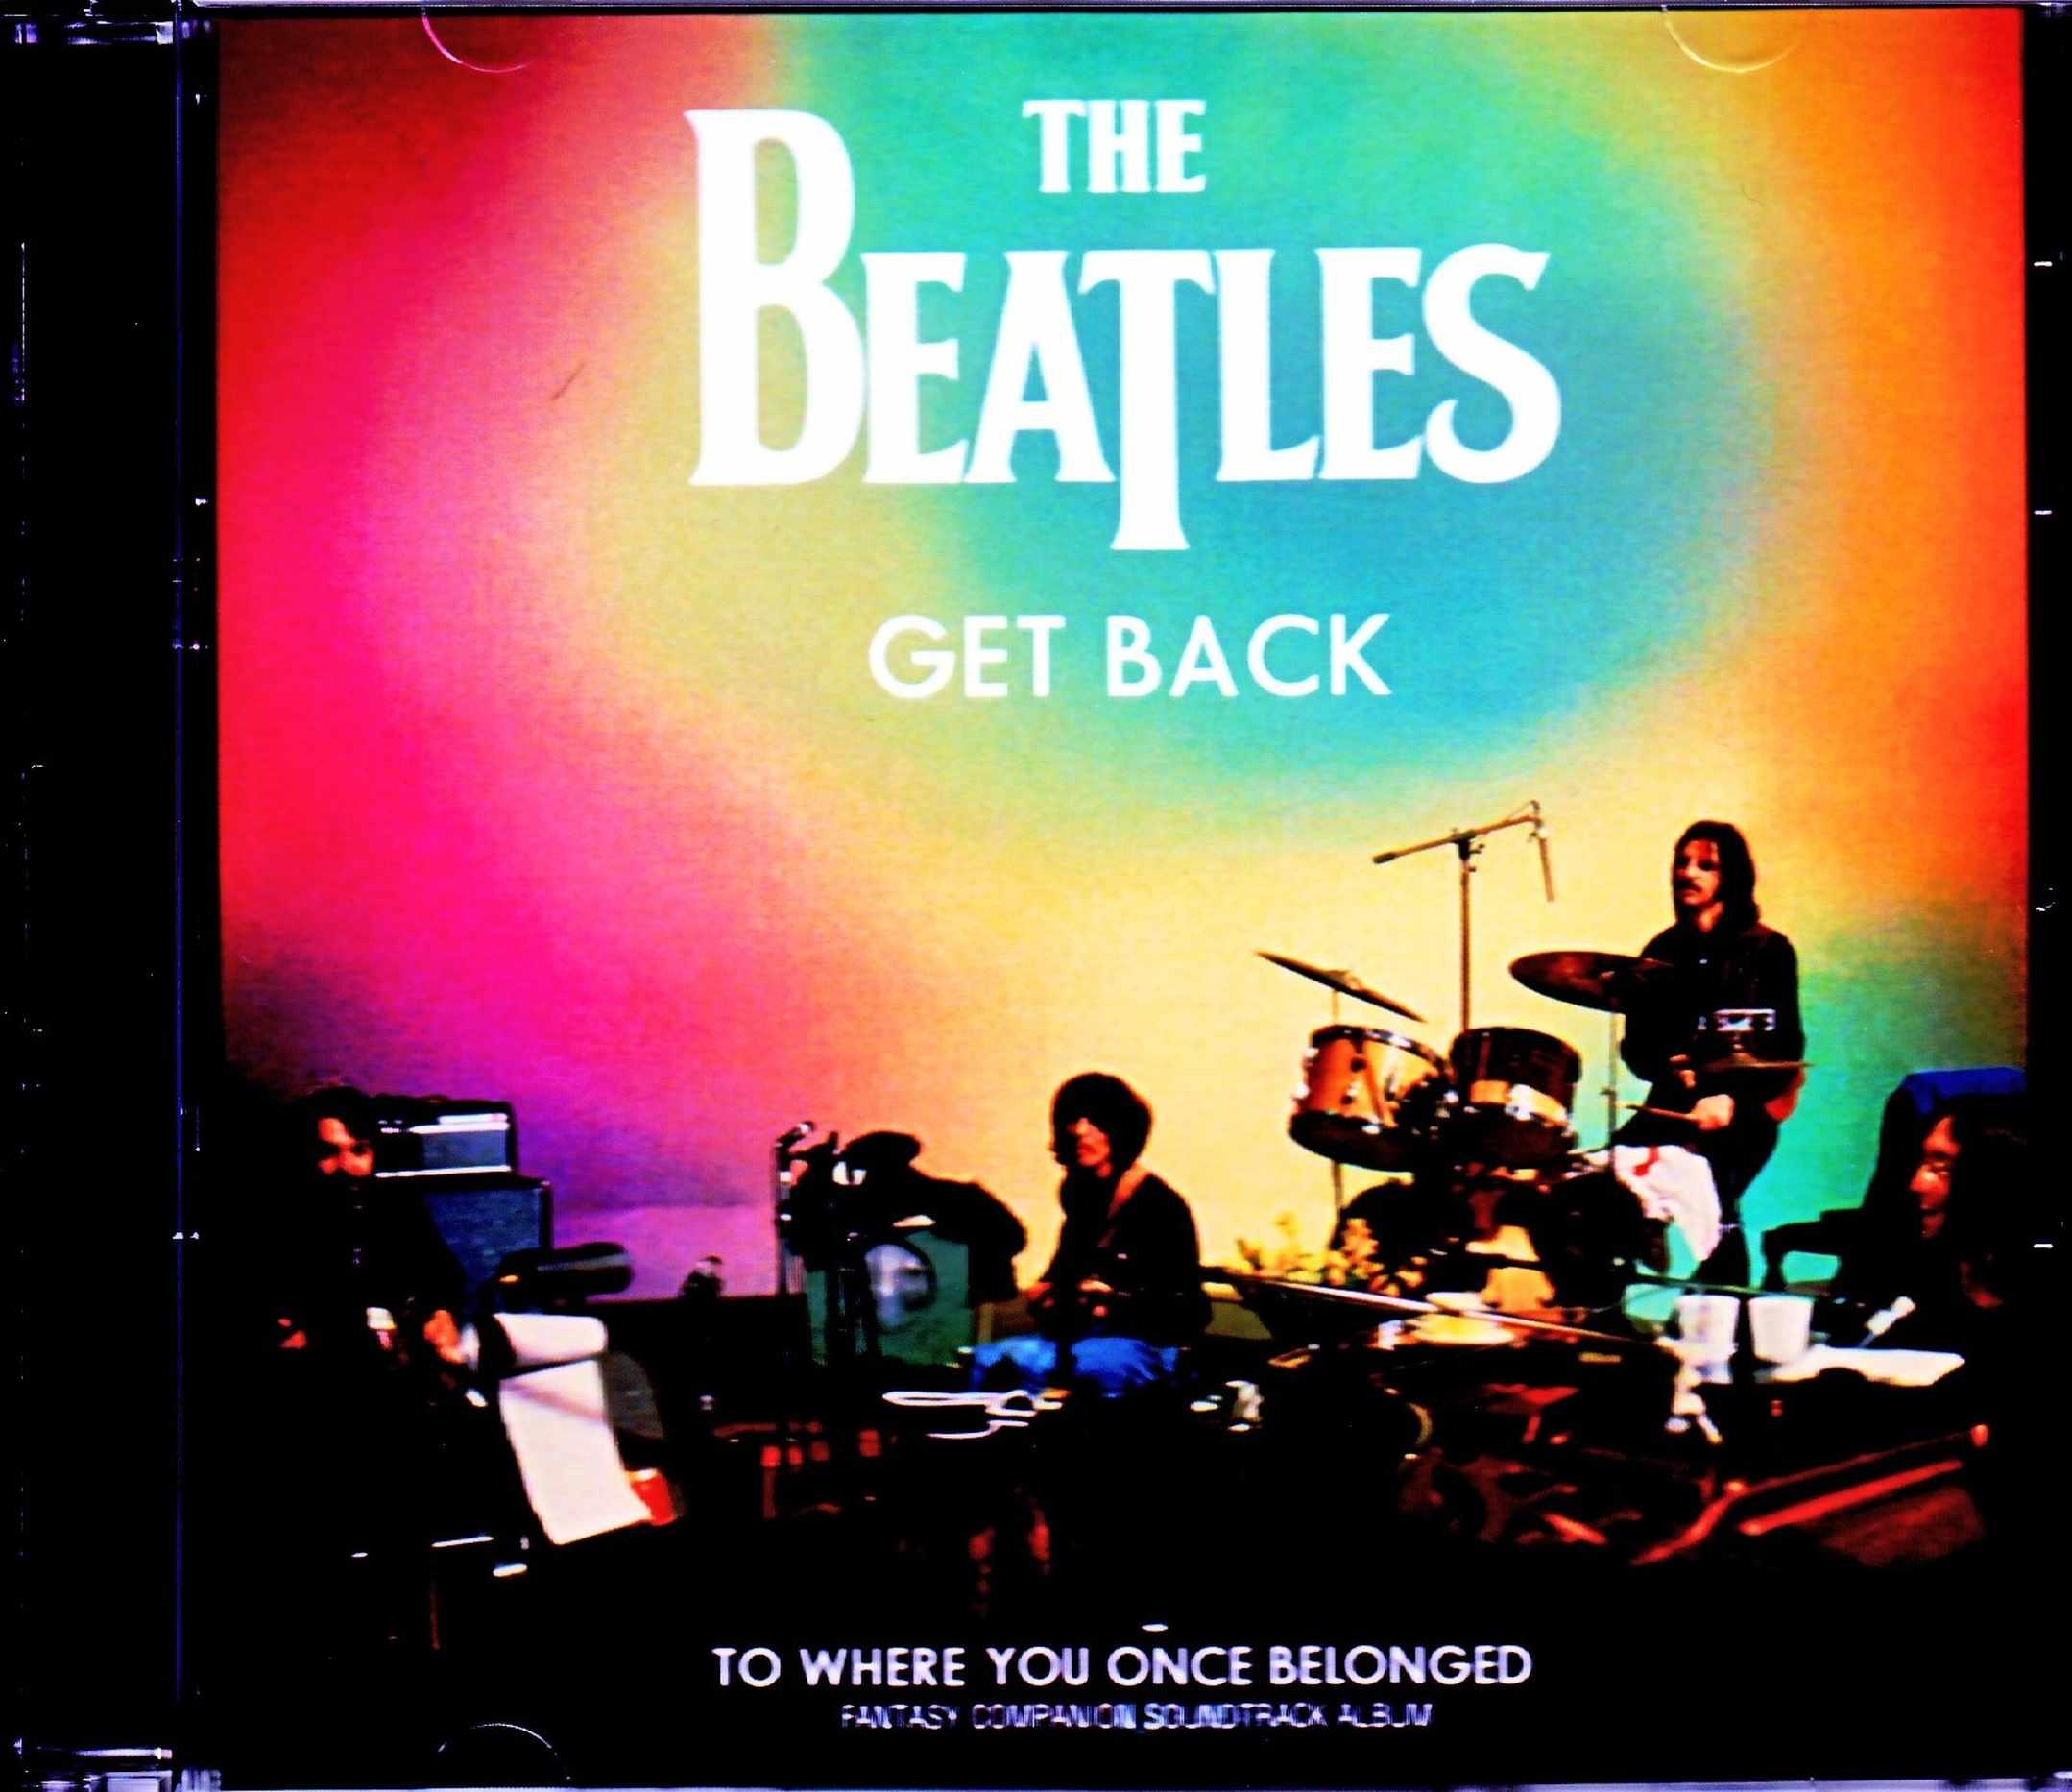 Beatles ビートルズ/ゲット・バック Get Back Fantasy Compilation Soundtrack Album